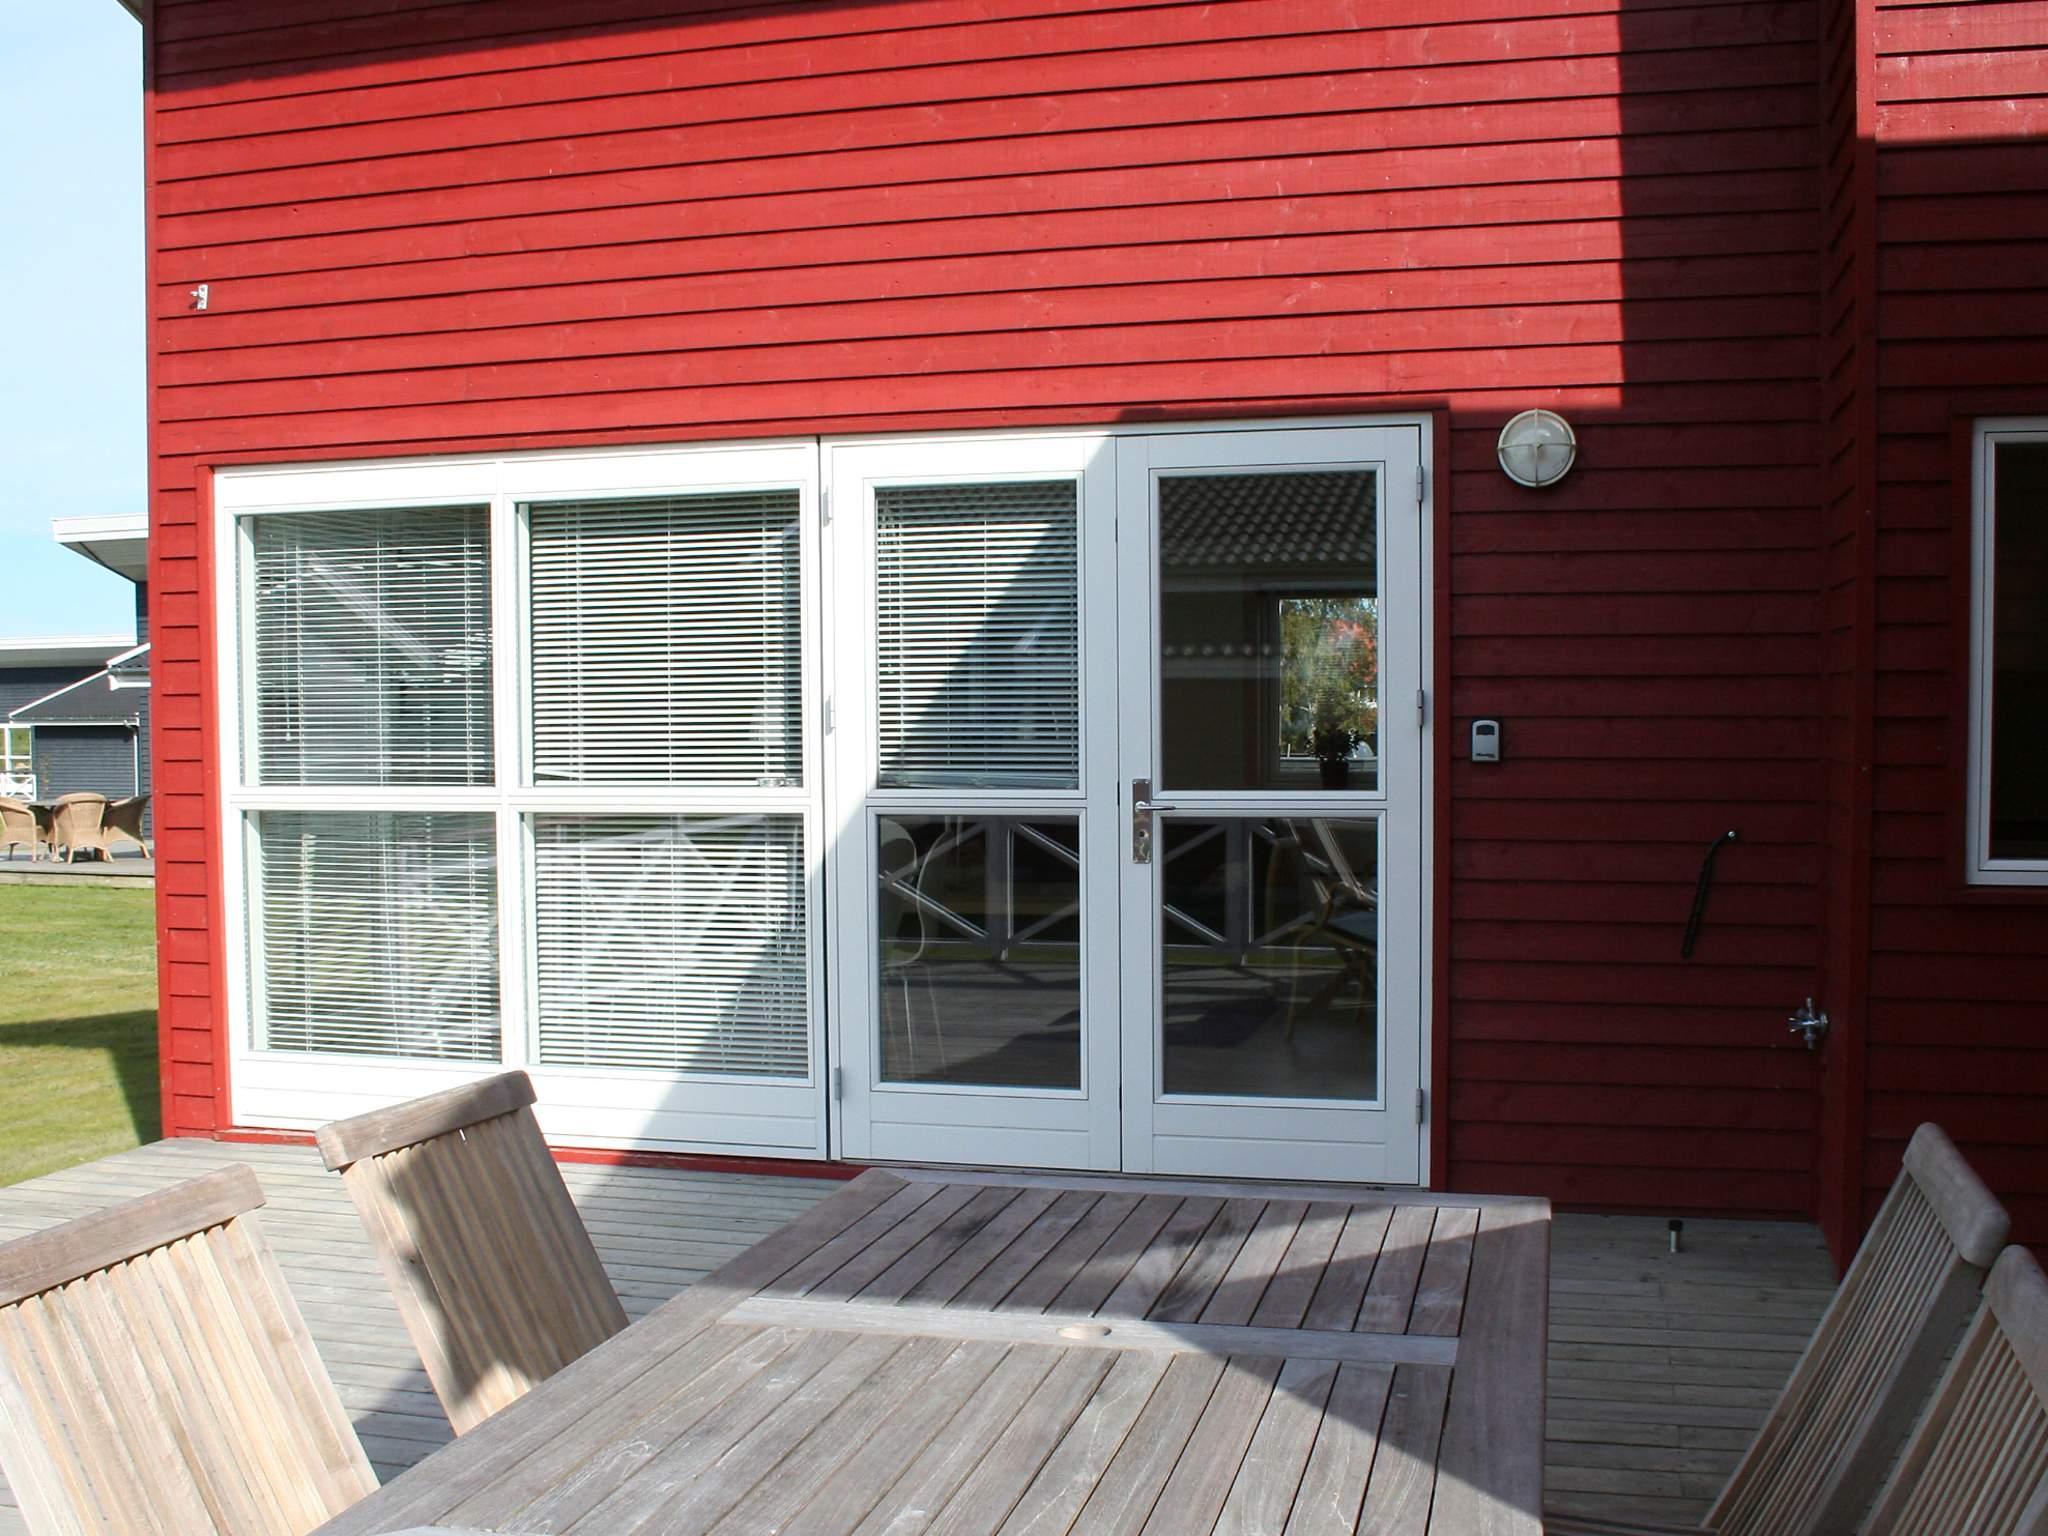 Ferienhaus Rø/Gudhjem (500241), Gudhjem, , Bornholm, Dänemark, Bild 12